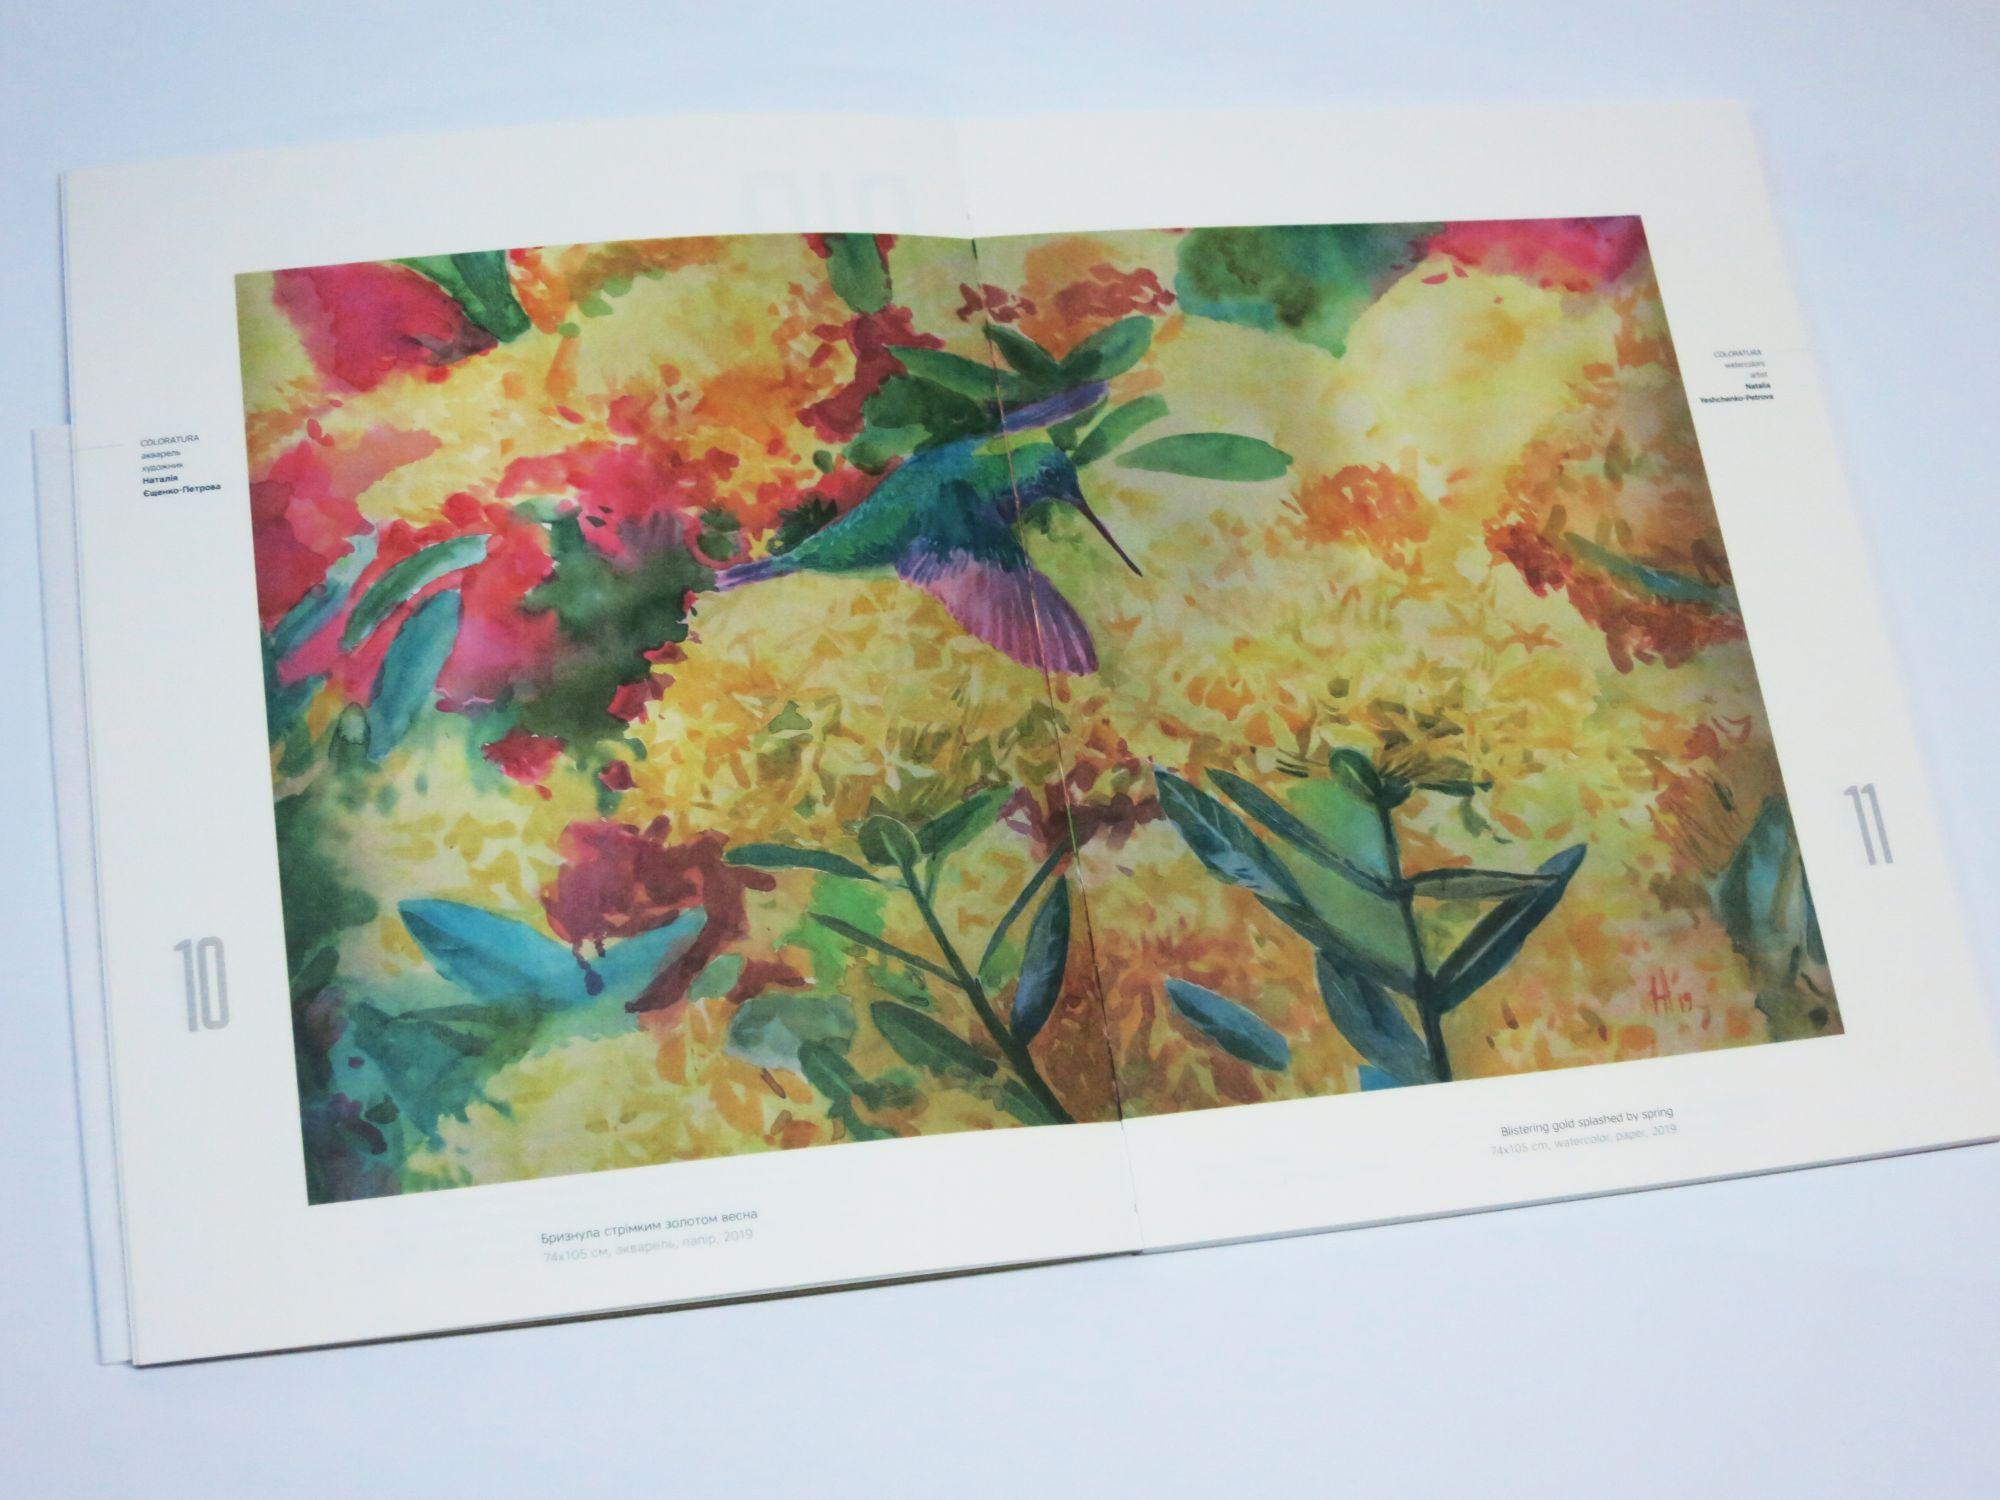 каталог coloratura, на который не только смотреть приятно, но и в руках держать